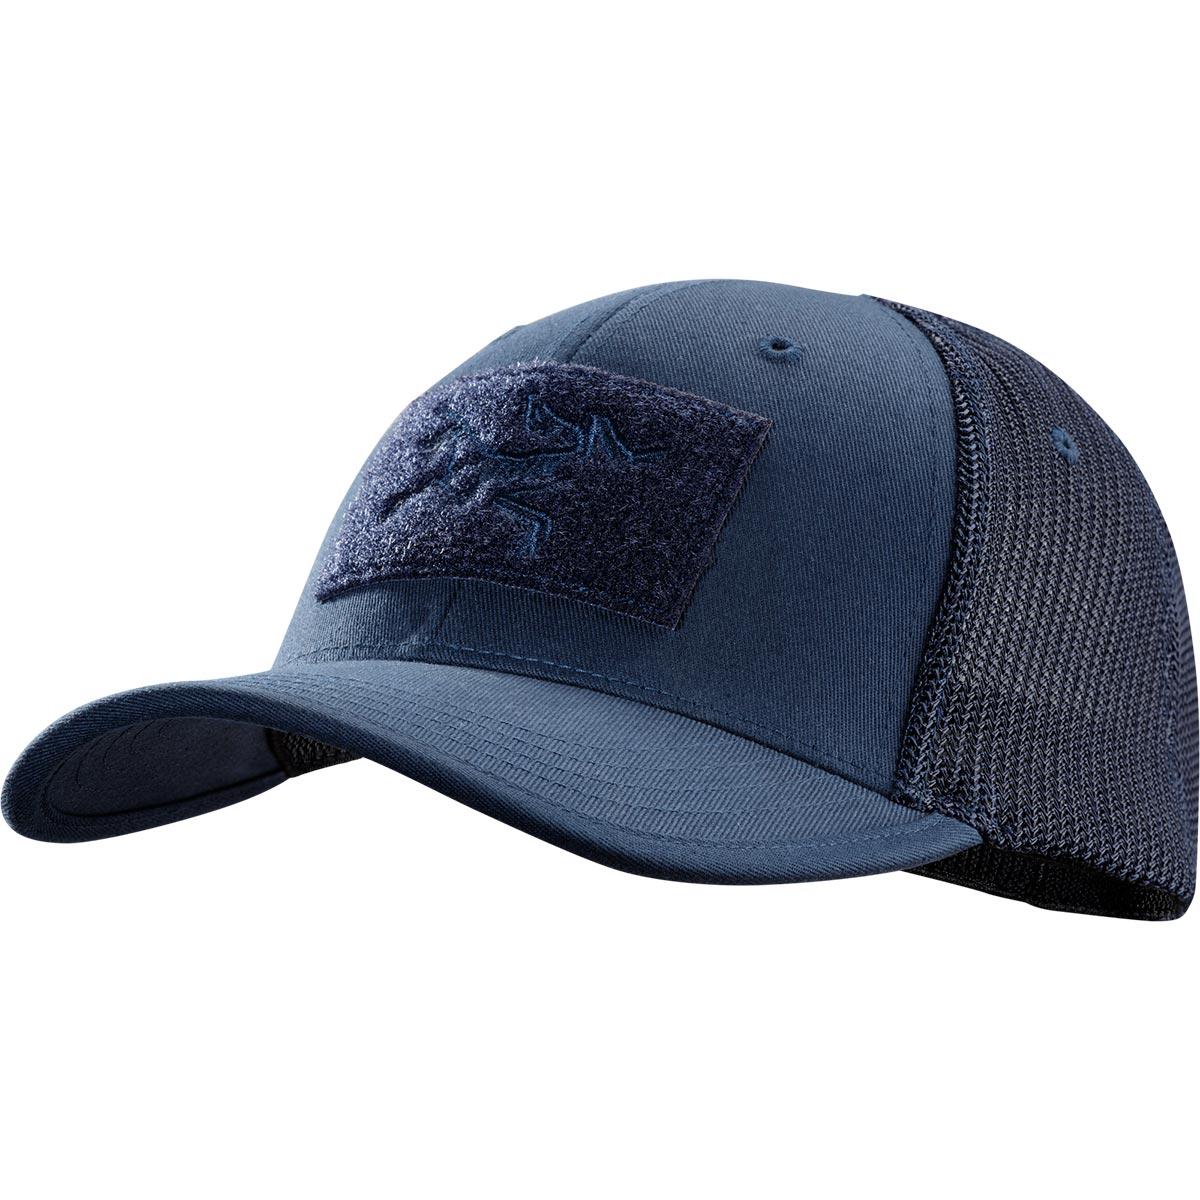 Arc Teryx B A C Hat Head Gear Clothing Accessories